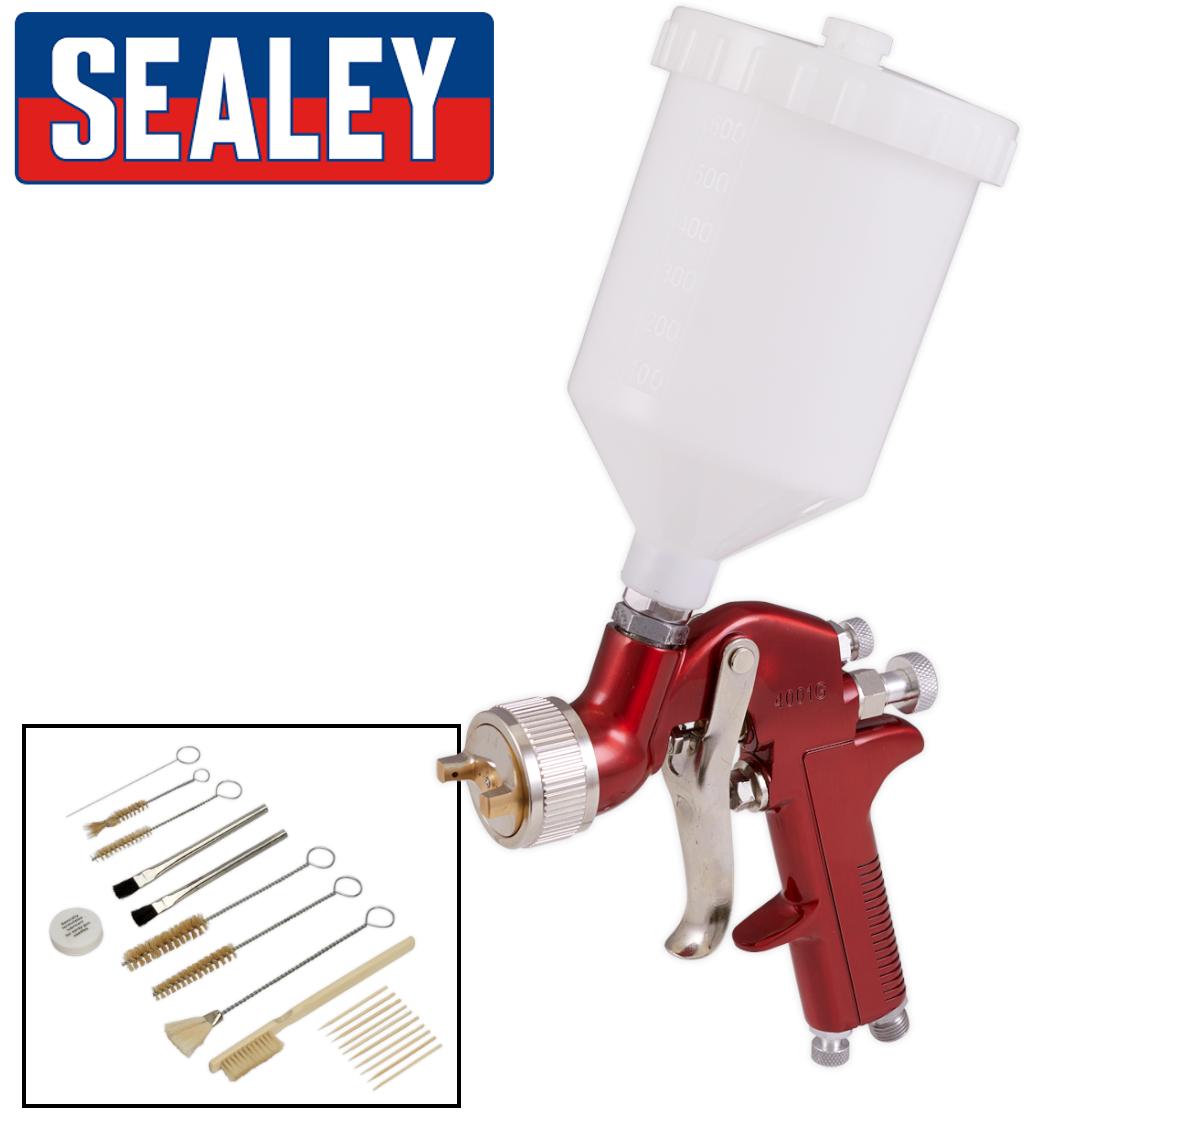 Sealey SG1.4G Pistolet de pulv/érisation pour Alimentation par gravit/é 1,4 mm